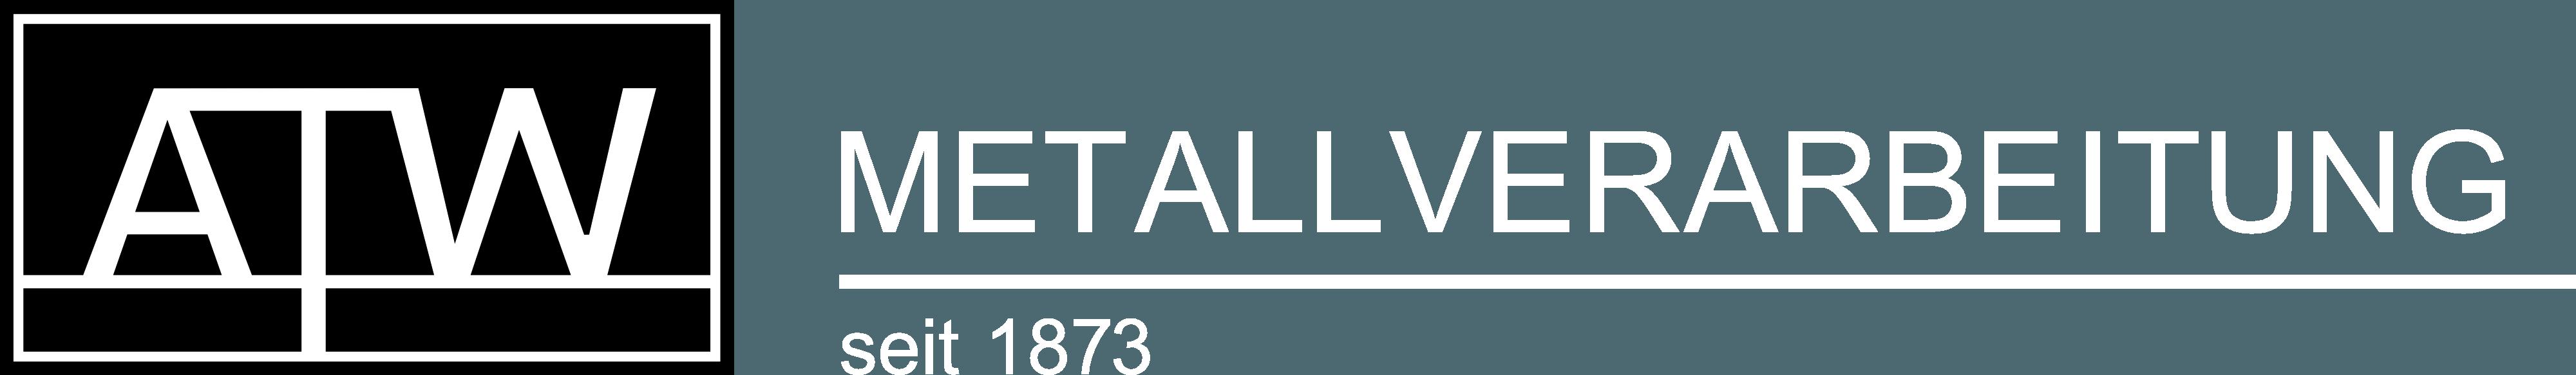 ATW Metallverarbeitung seit 1873 Logo